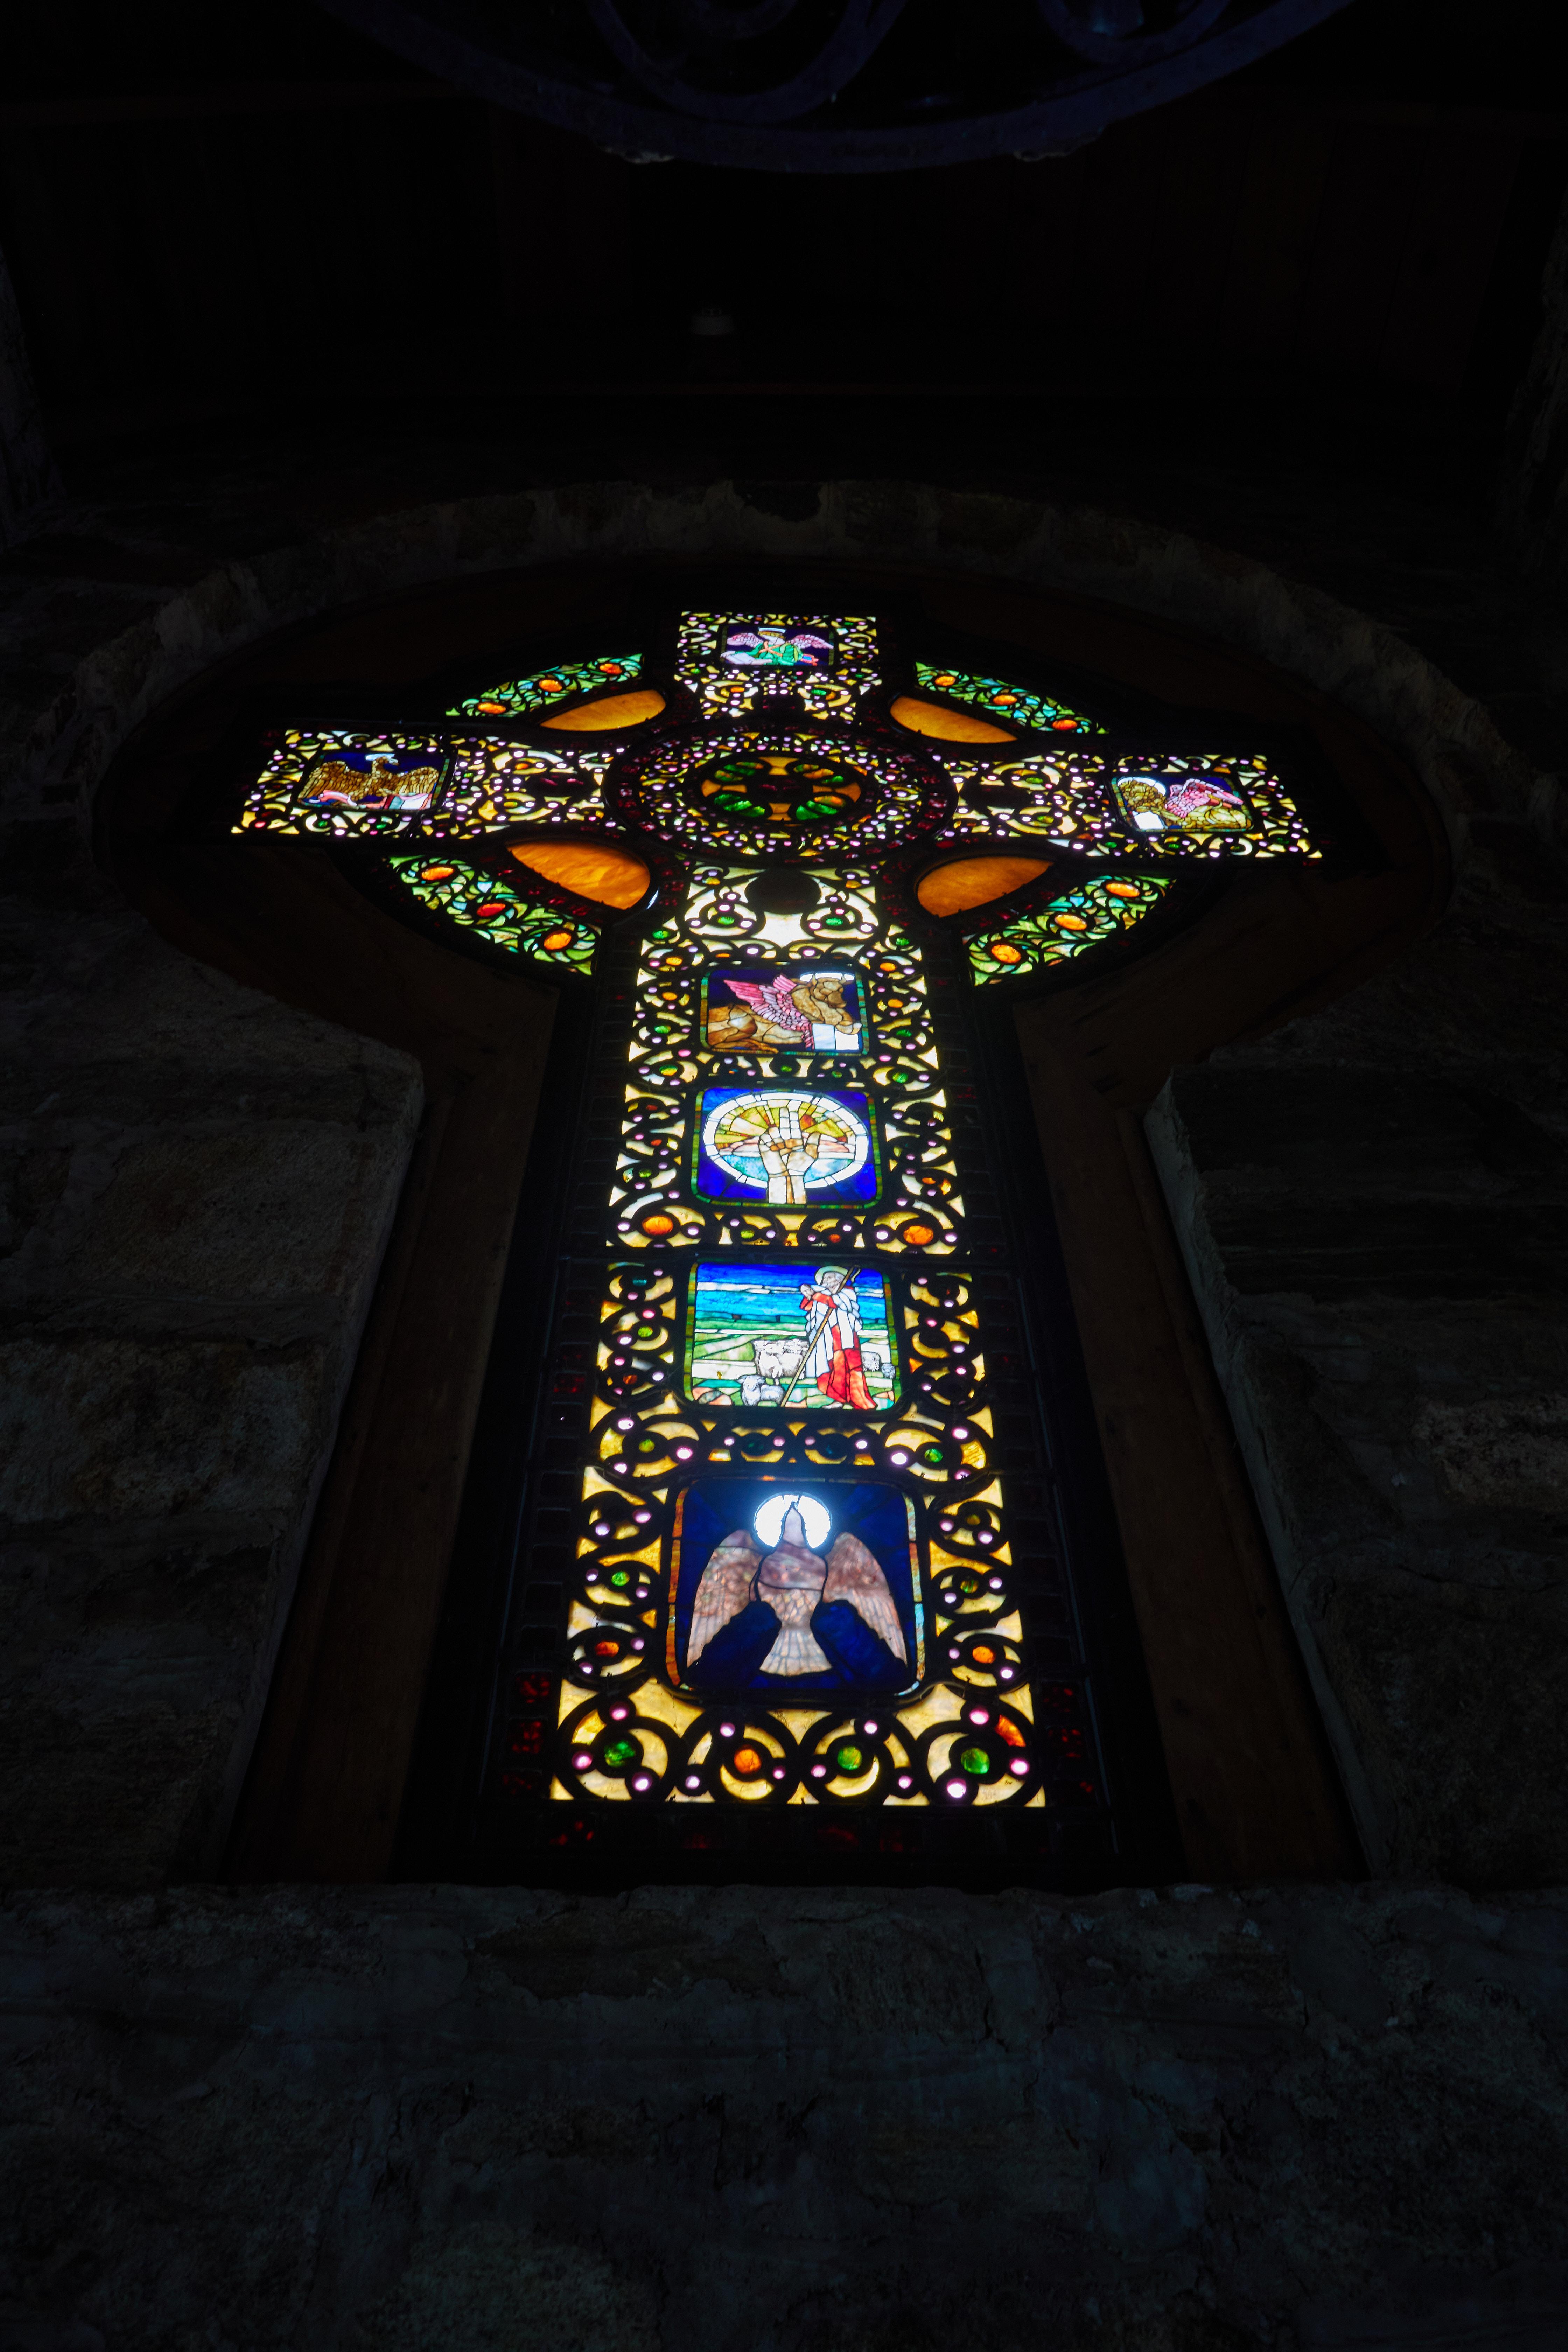 Stained glass window in shape of cross.